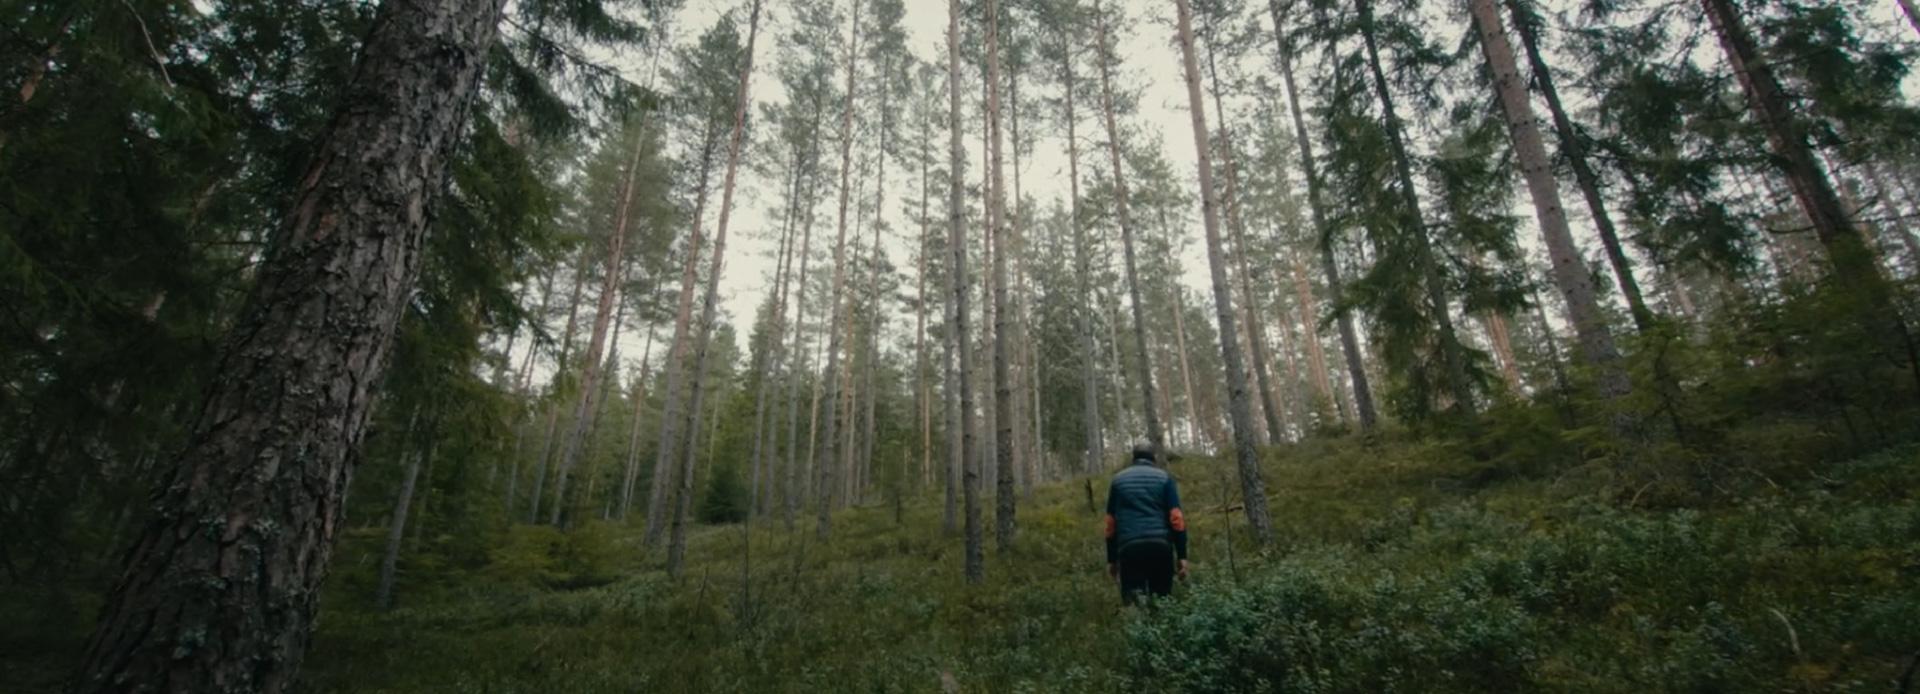 Mann in Wald